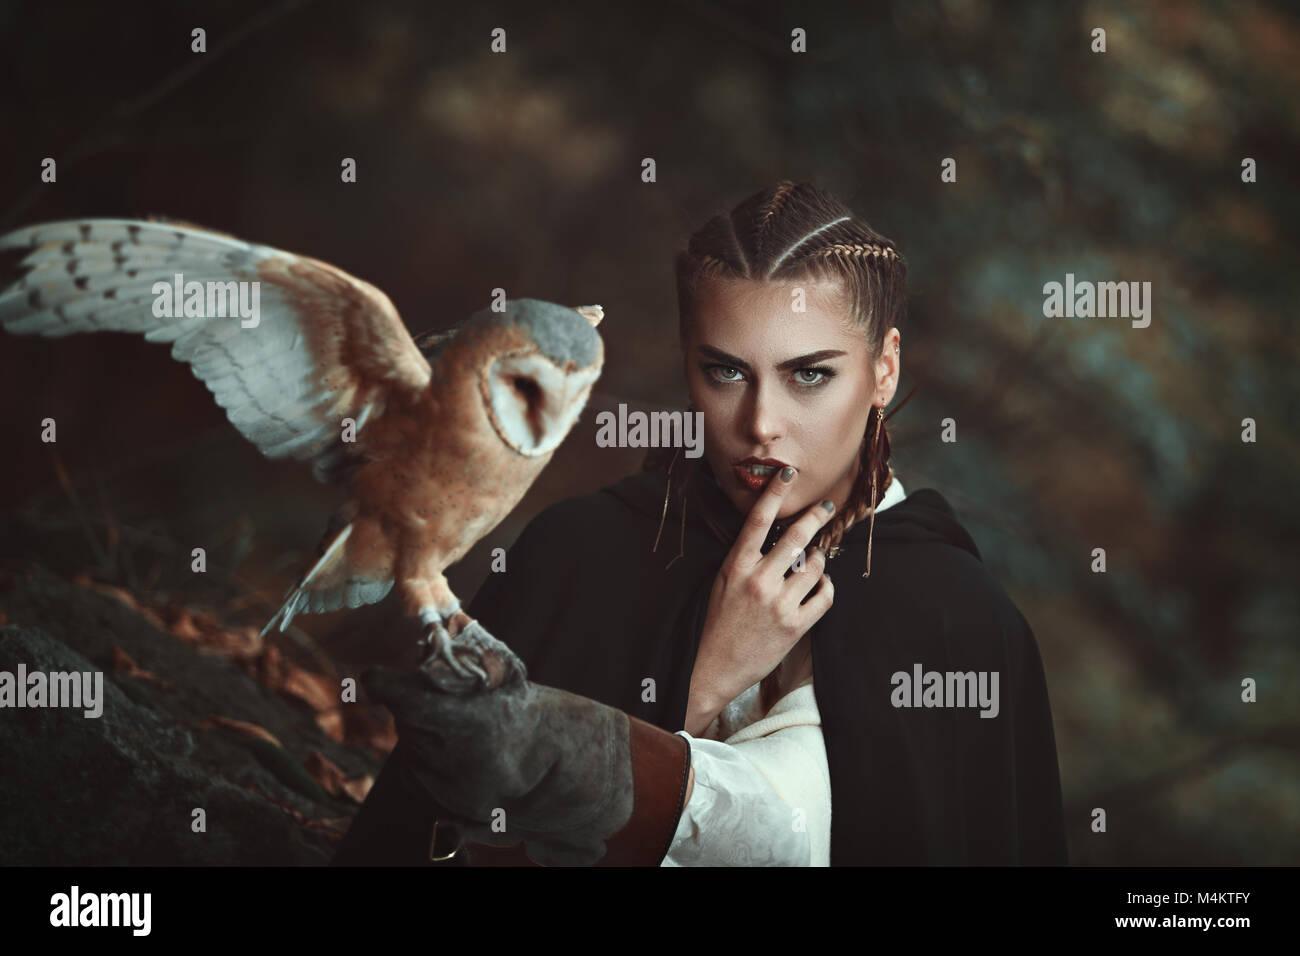 Frau mit schleiereule auf ihren Arm. Wald Hintergrund Stockfoto